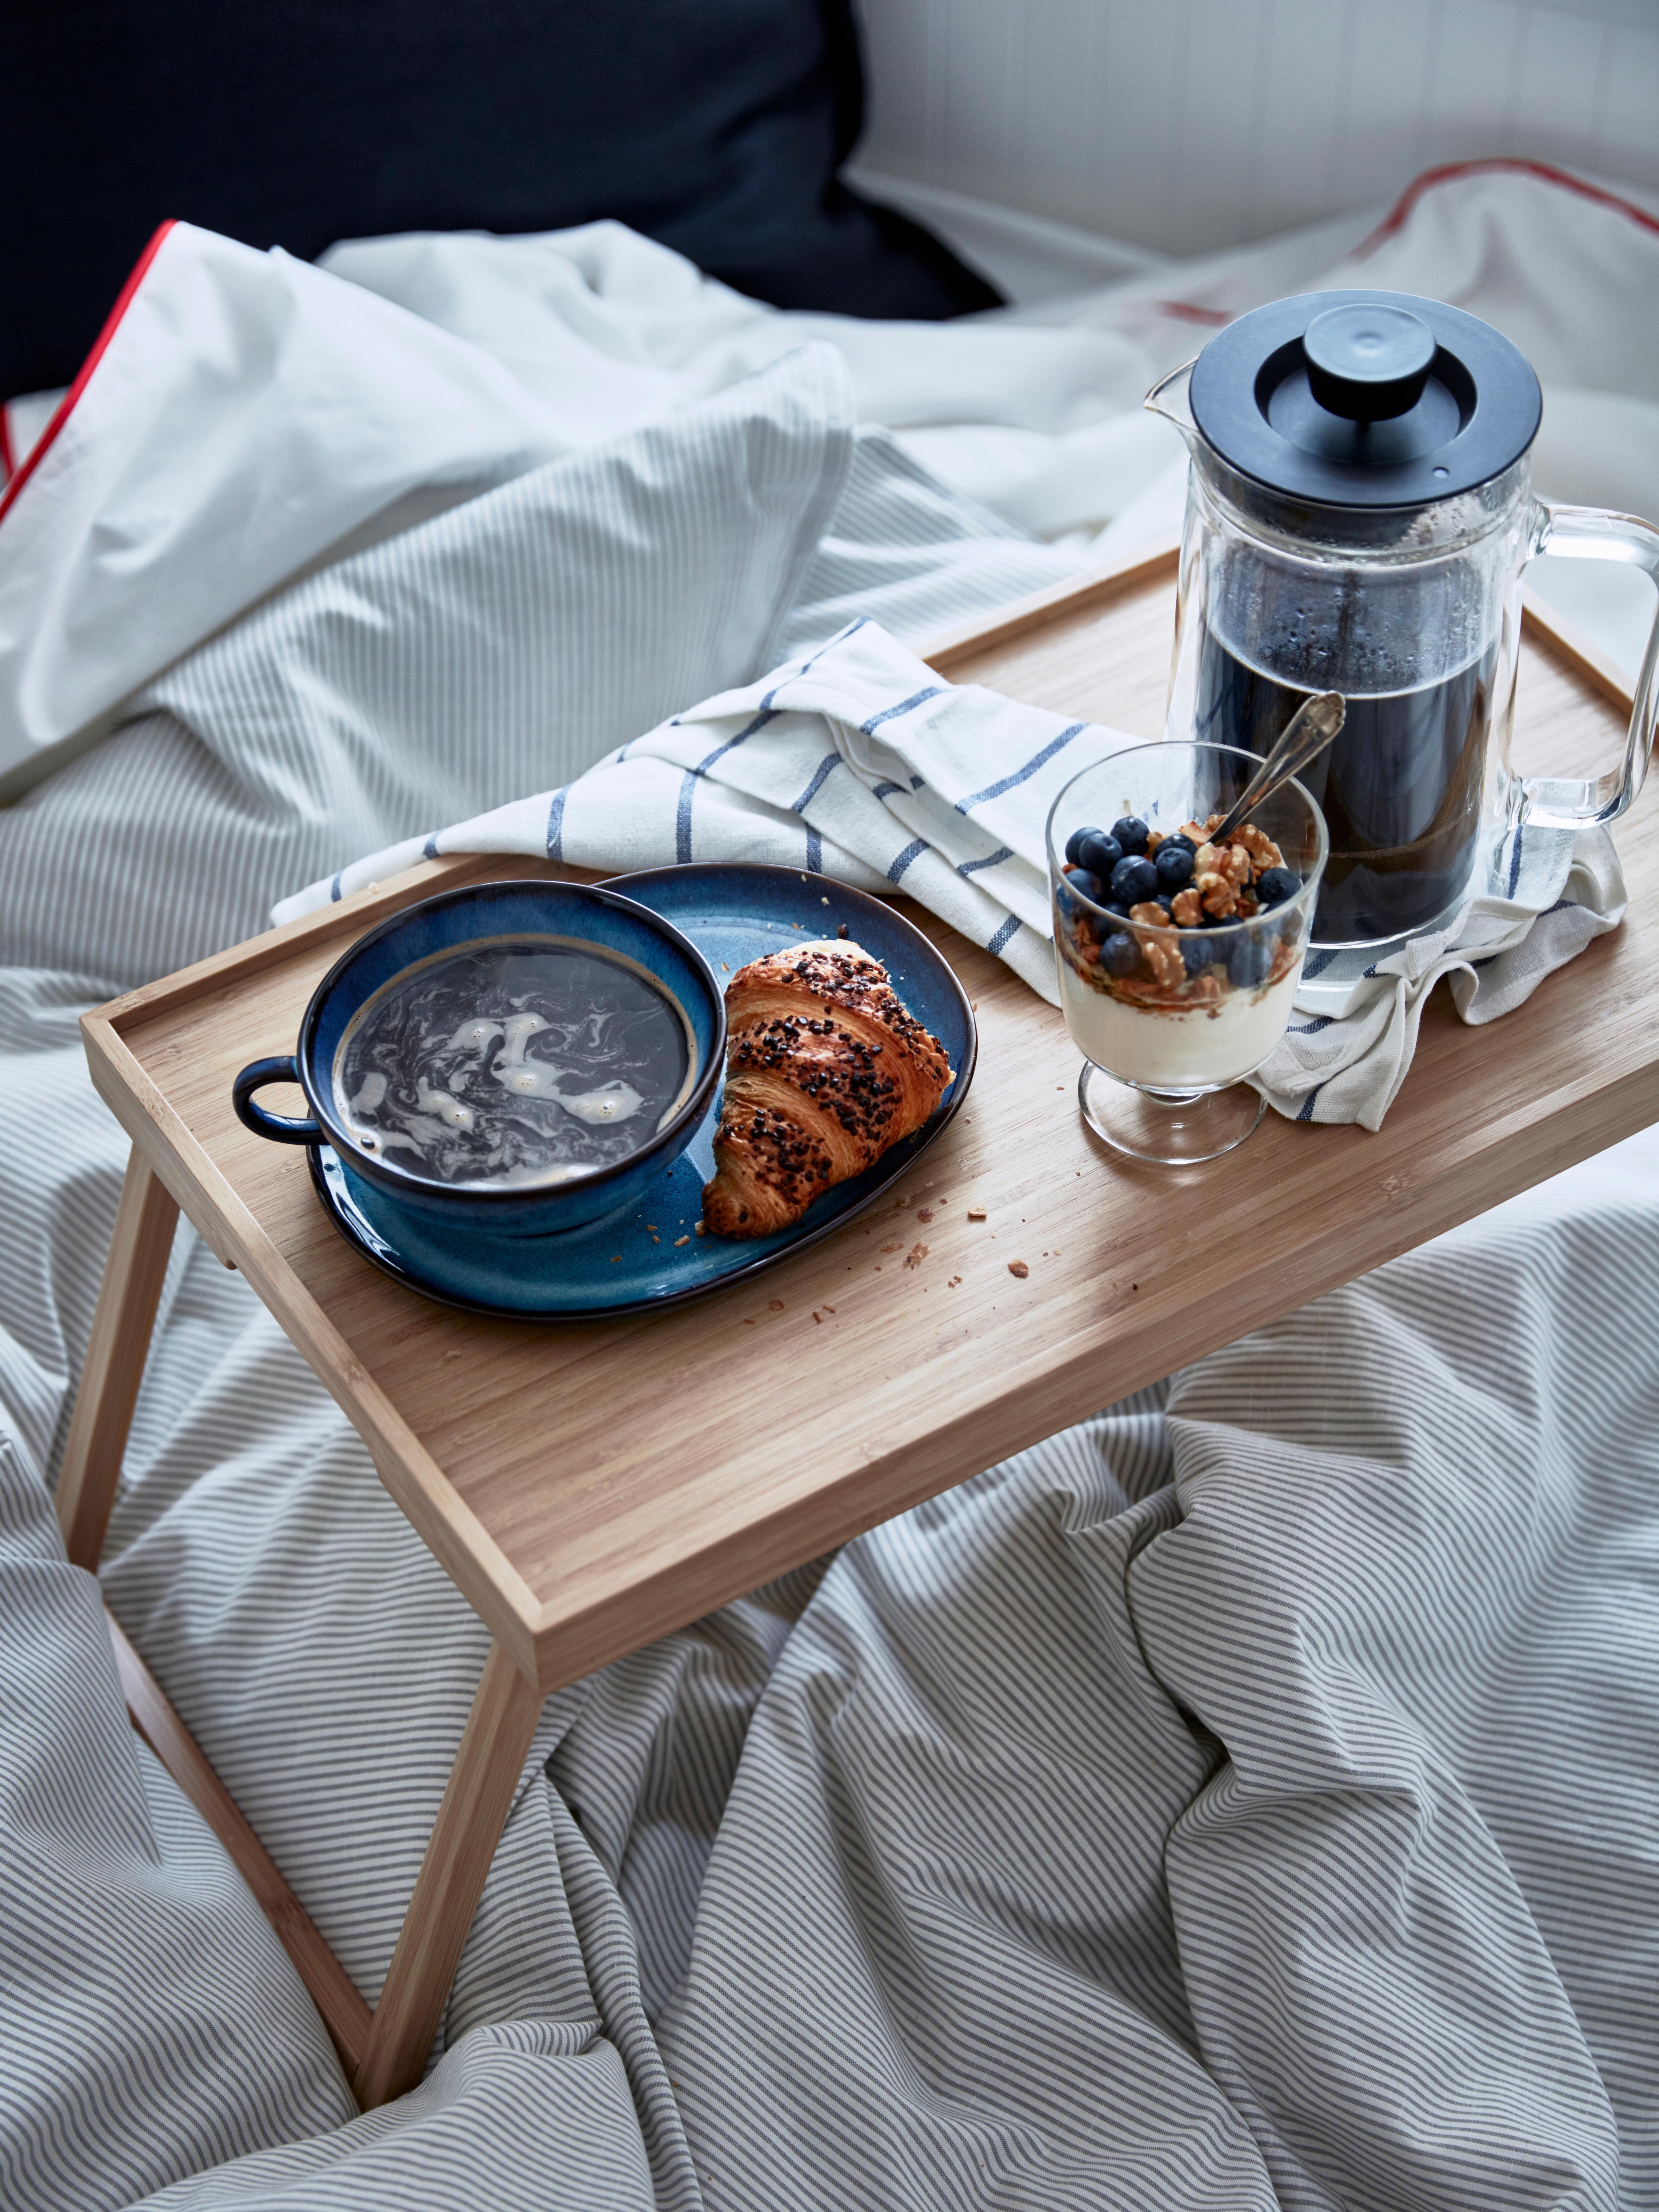 RESGODS poslužavnik postavljen na bijelu plahtu s plavim prugama. Poslužavnik od bambusa pun je potrepština za doručak.